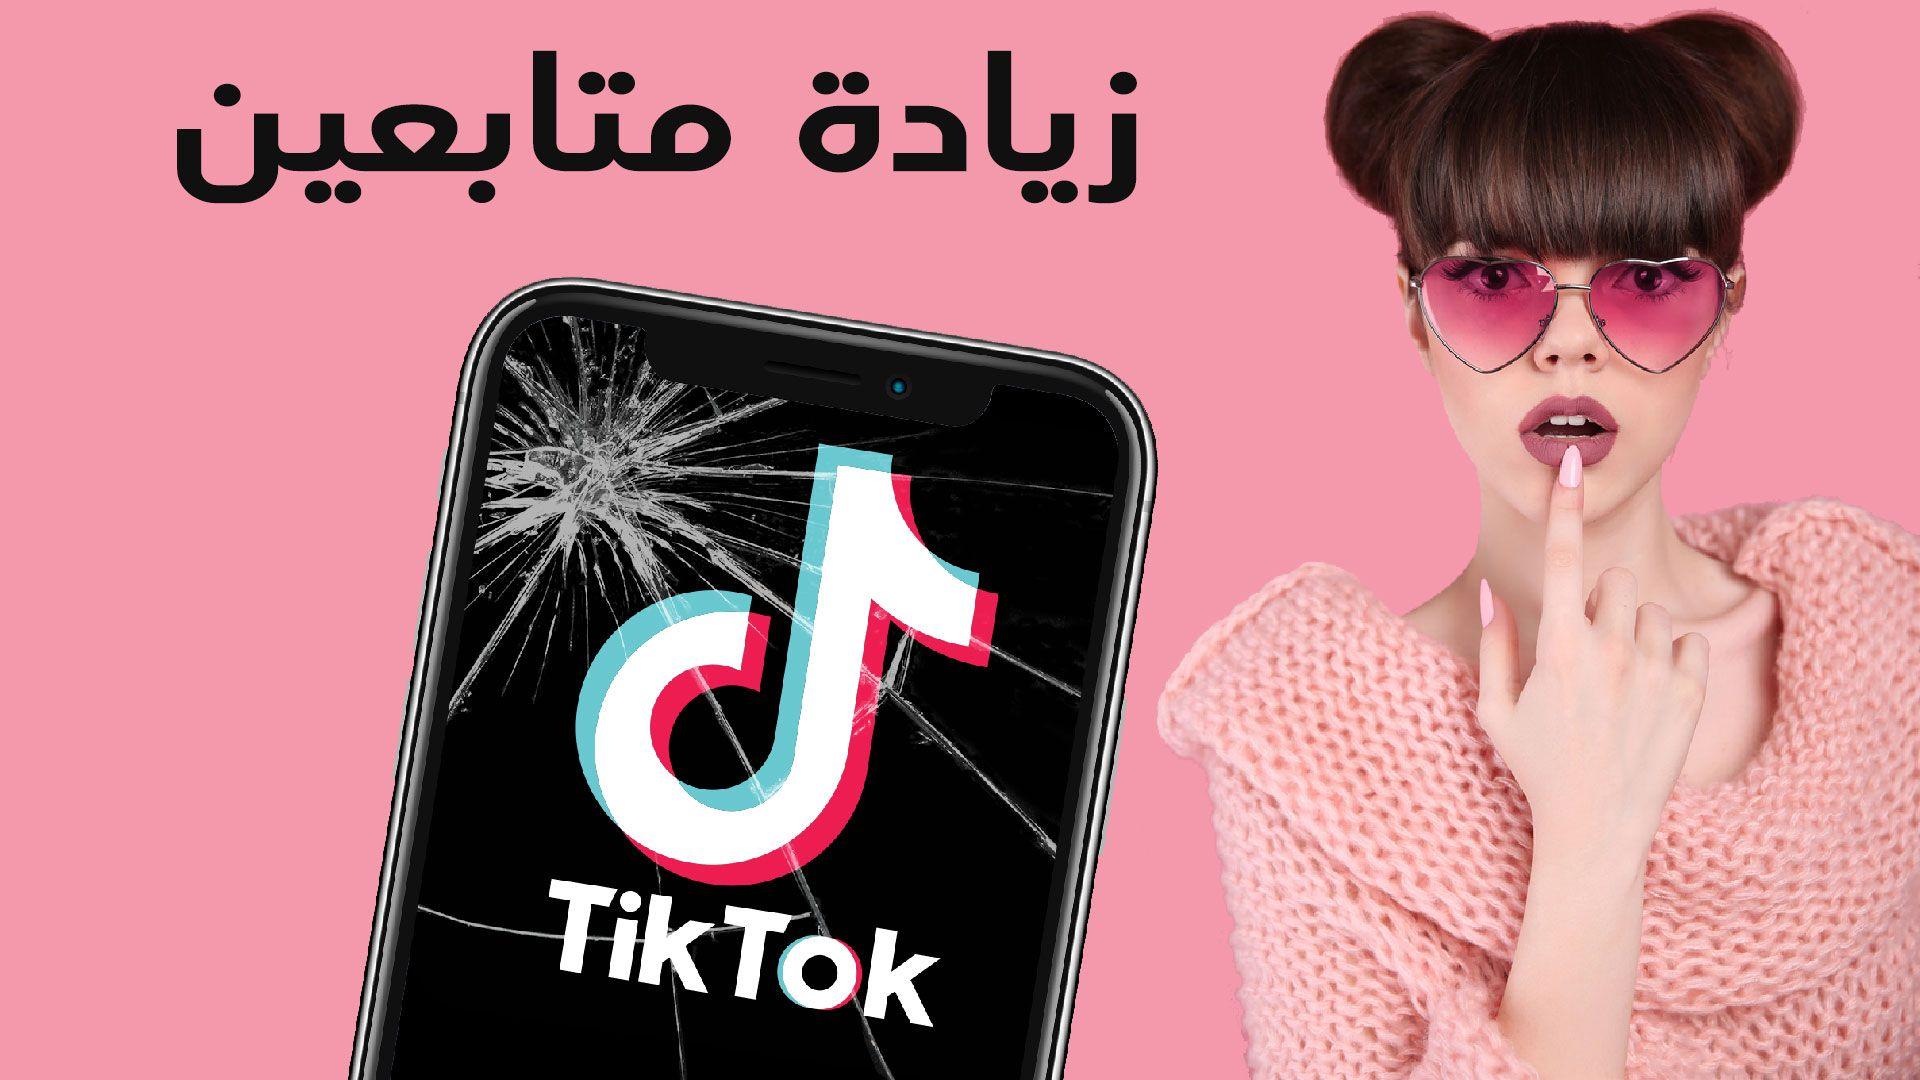 زيادة متابعين تيك توك زيادة متابعين تيك توك في 2020 أفضل وسيلة لزيادة متابعين Tiktok 40k